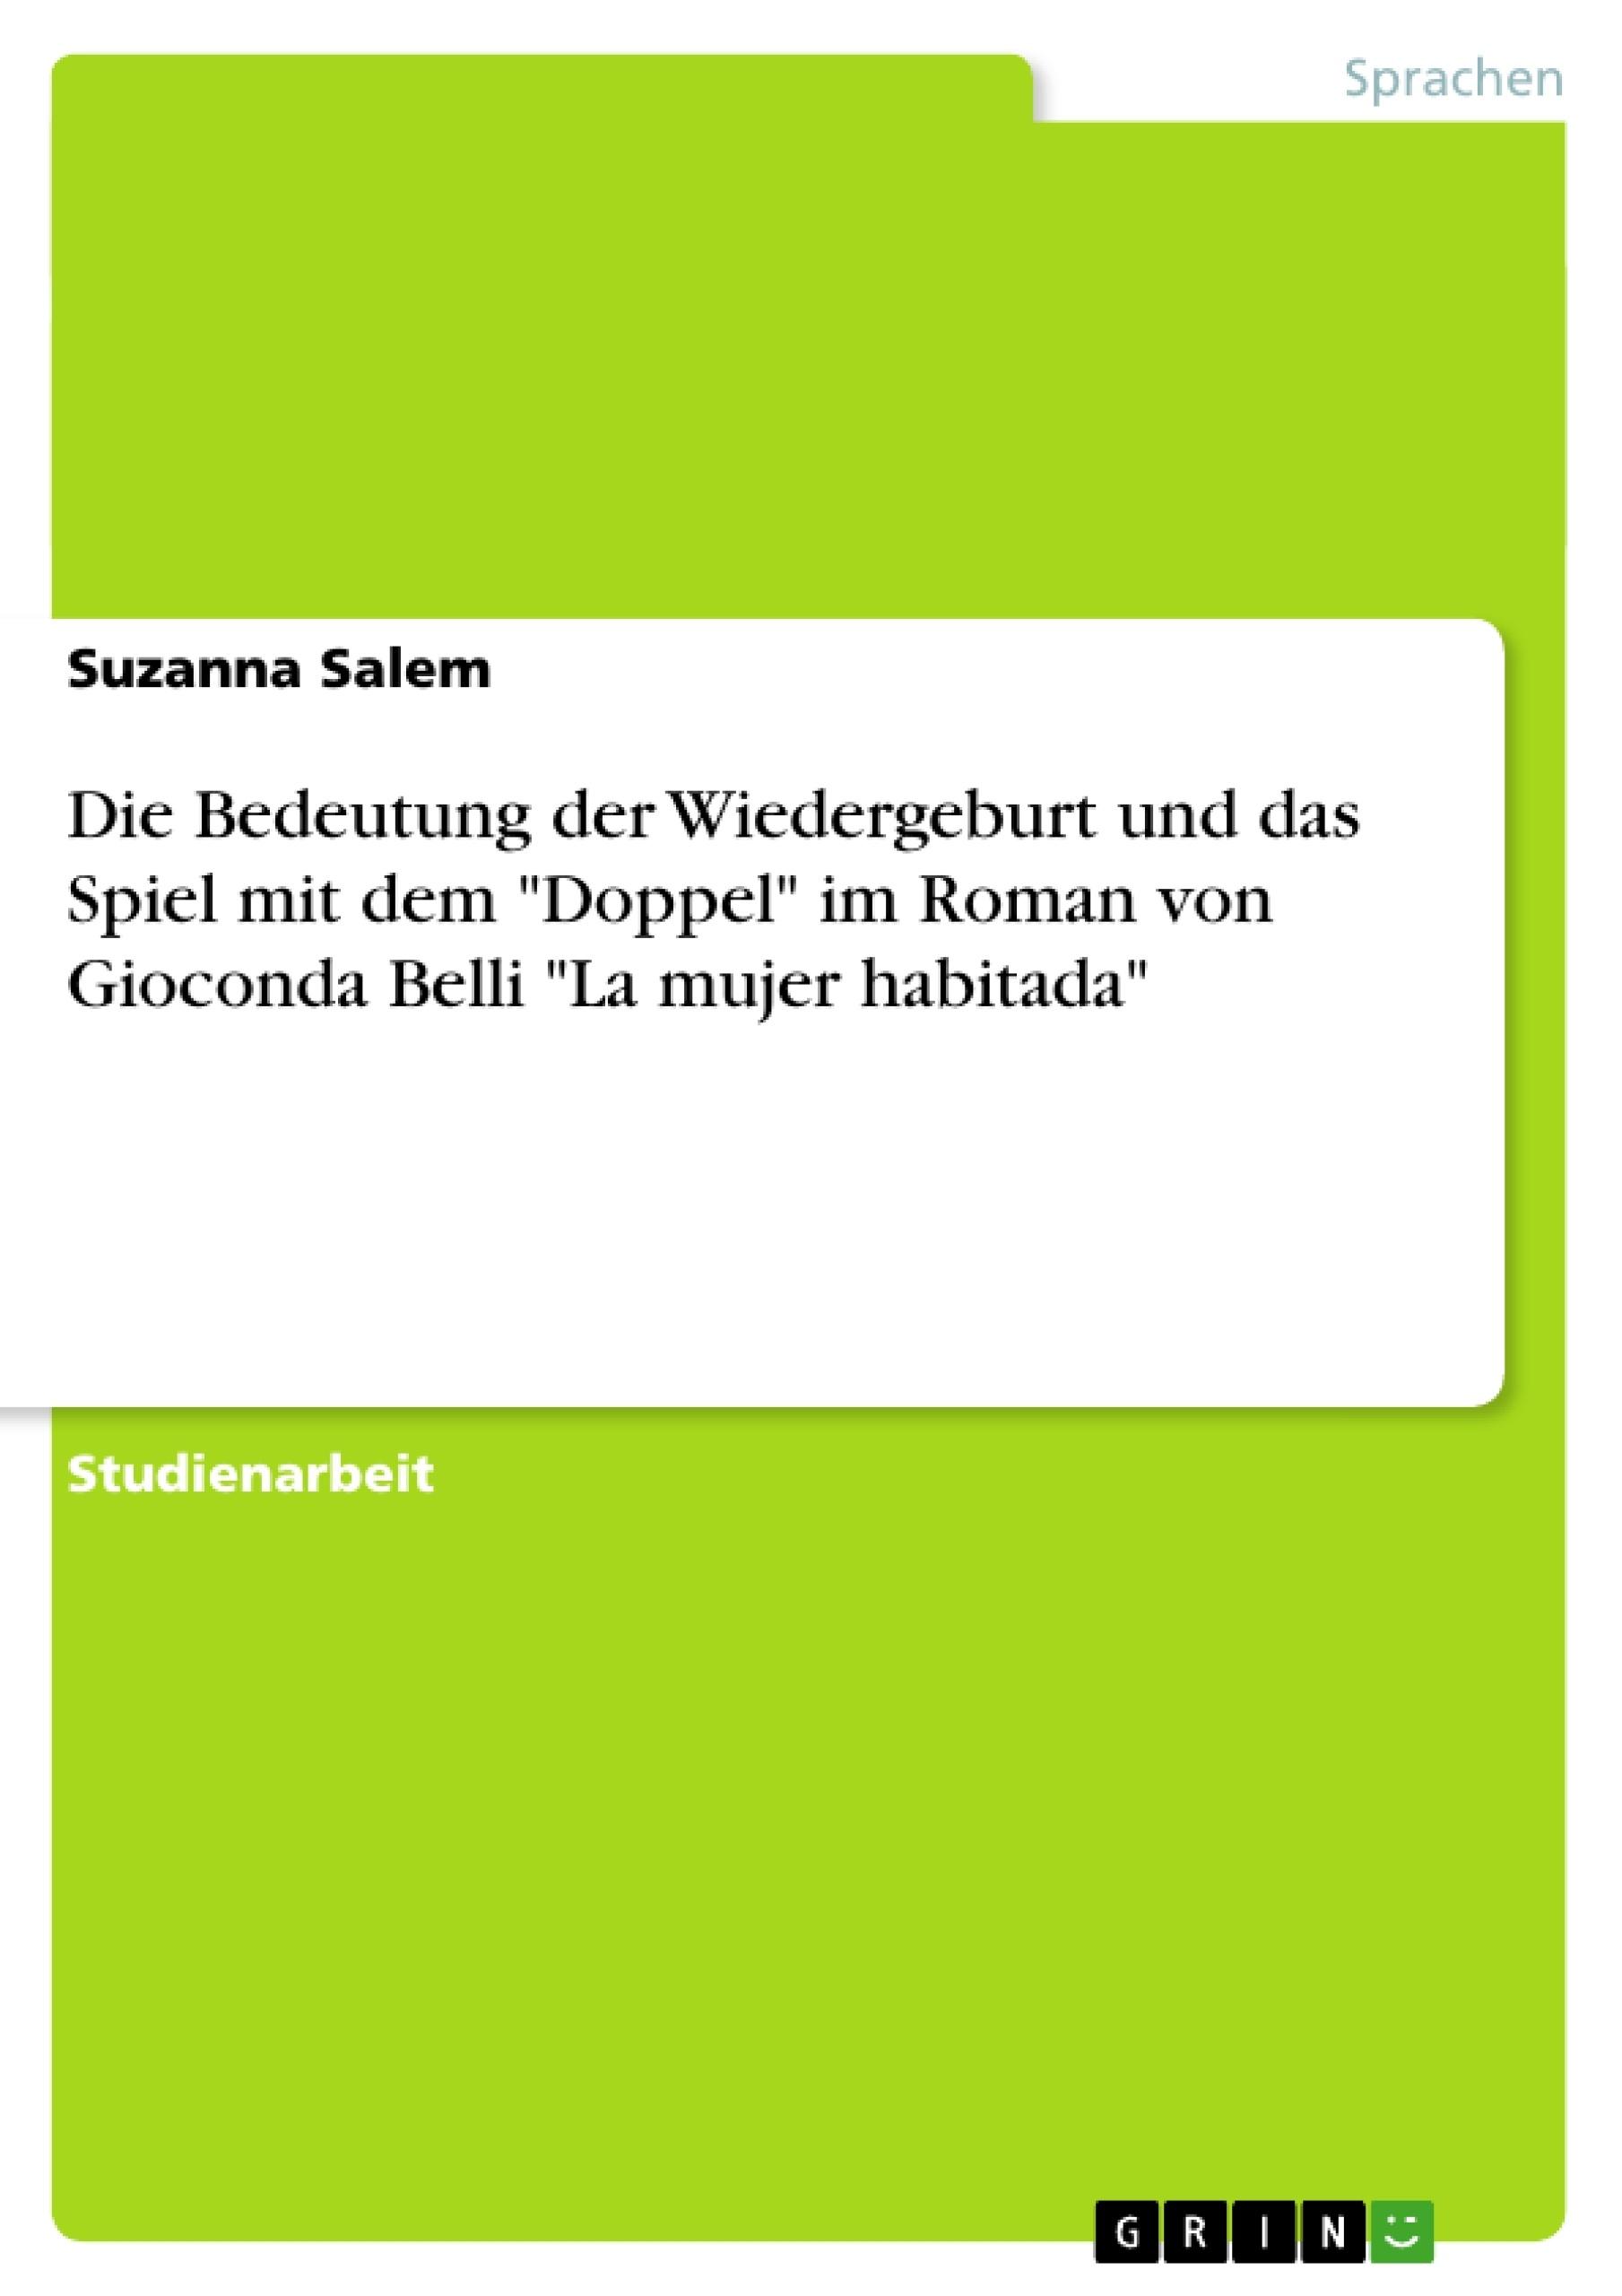 """Titel: Die Bedeutung der Wiedergeburt und das Spiel mit dem """"Doppel"""" im Roman von Gioconda Belli """"La mujer habitada"""""""